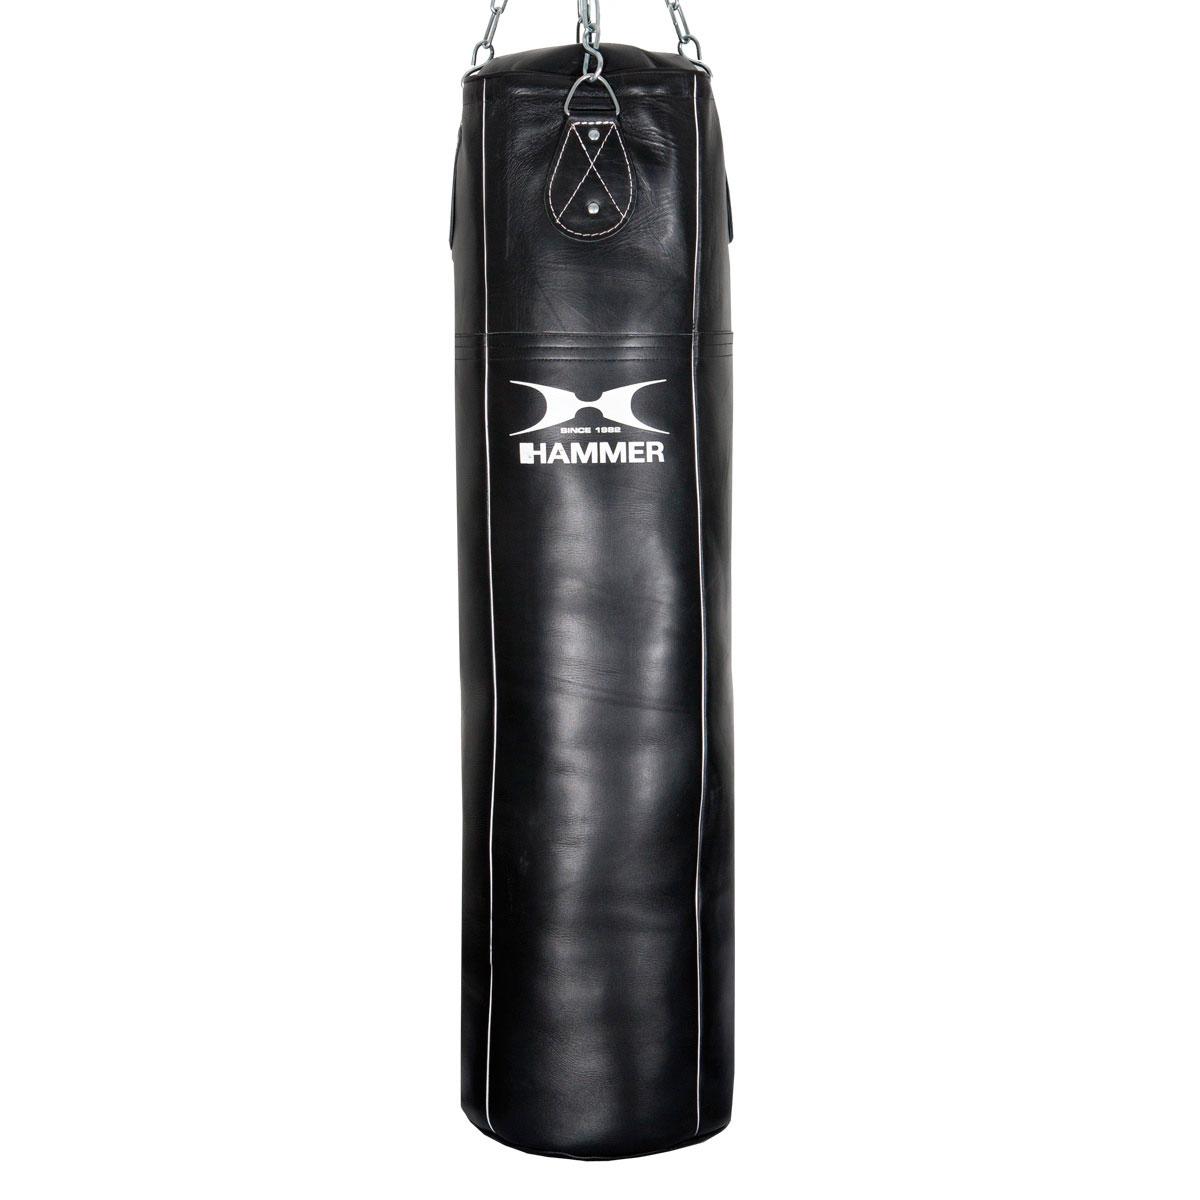 Billede af Hammer pro Premium Læder Sandsække (120cm 34kg)